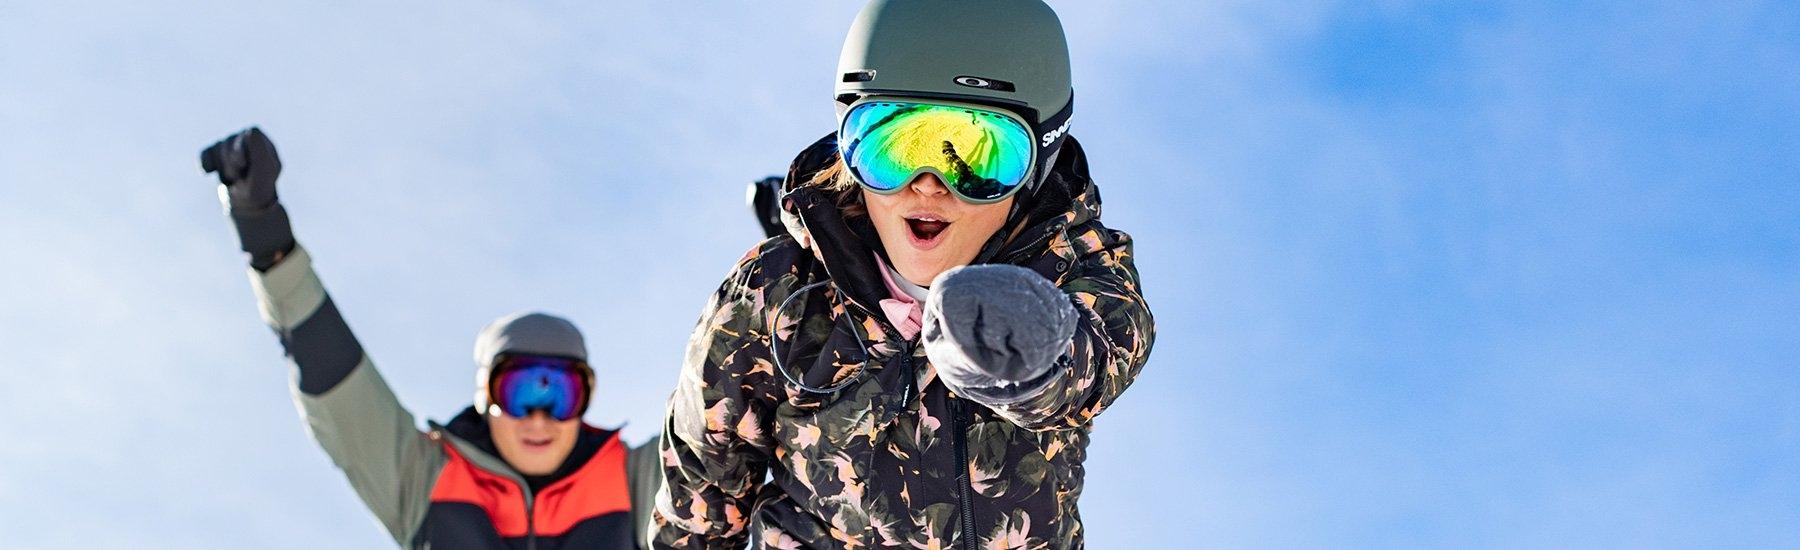 Wintersport vind je bij Perry